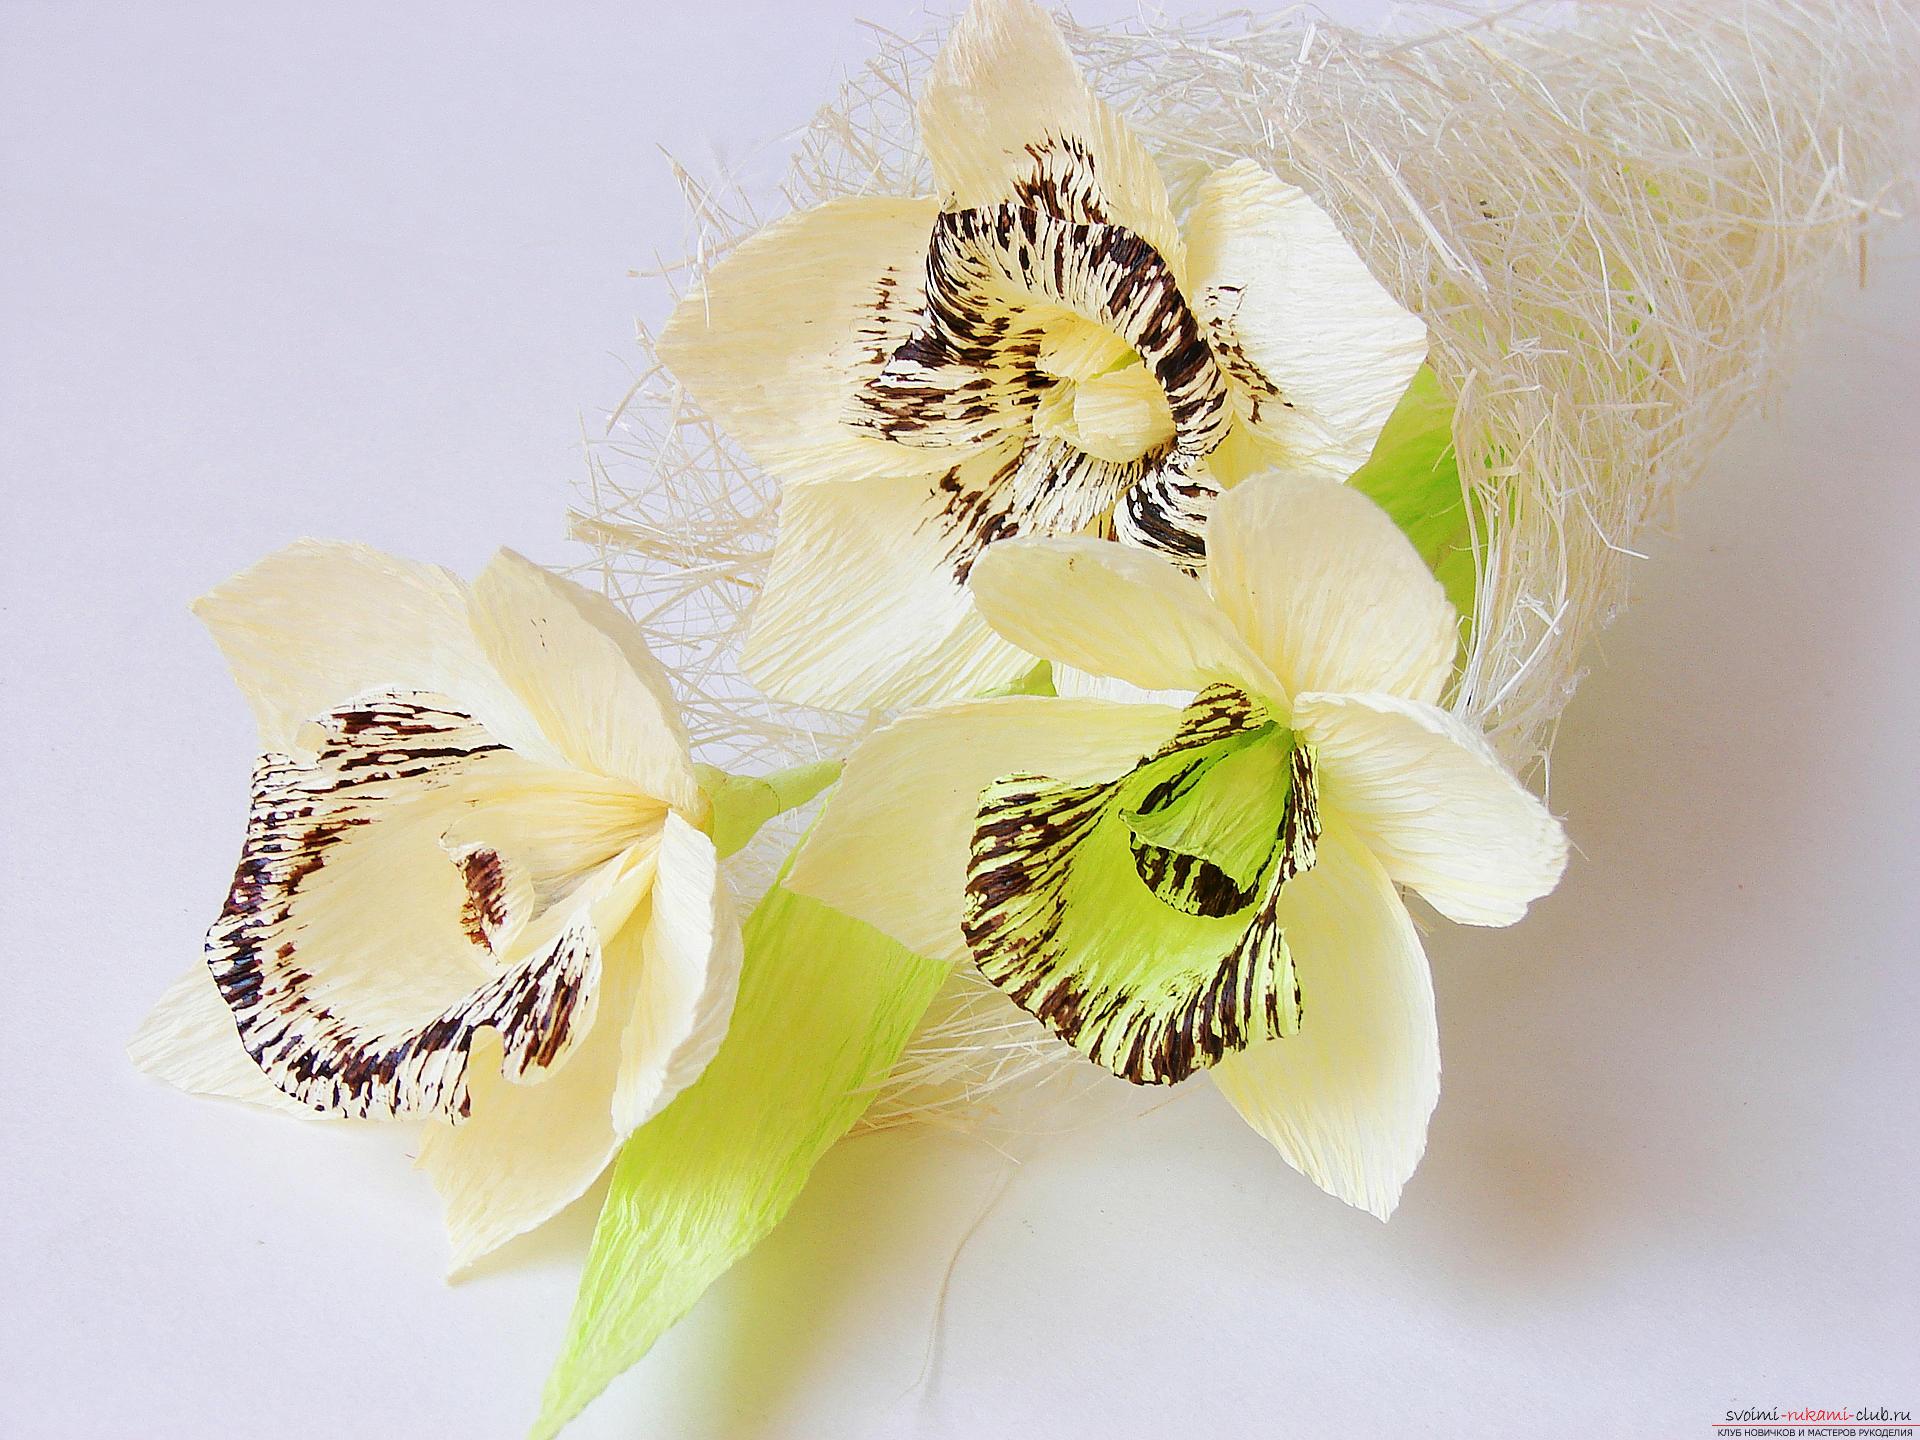 Как поливать орхидею. Виды полива 64